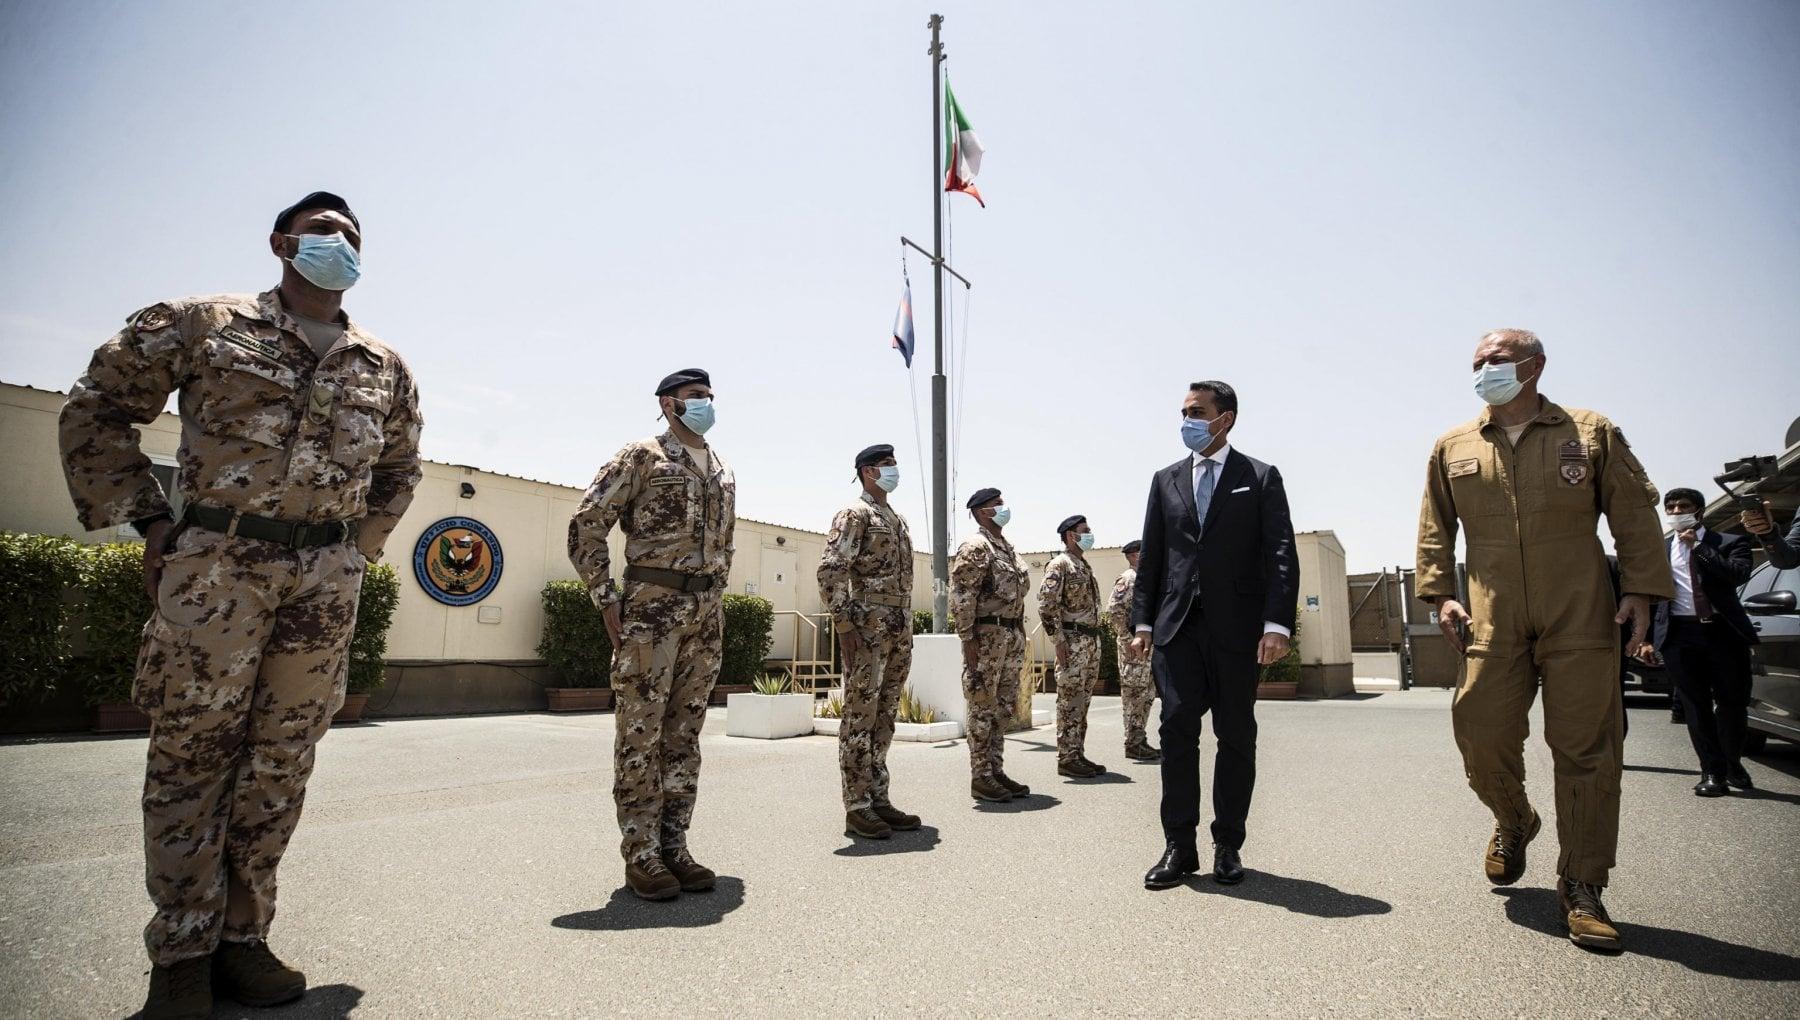 213348776 985da04c 0174 40d3 b9a2 17caf1a9ff2a - Dopo il preavviso, è arrivato lo sfratto: via gli italiani dalla base negli Emirati